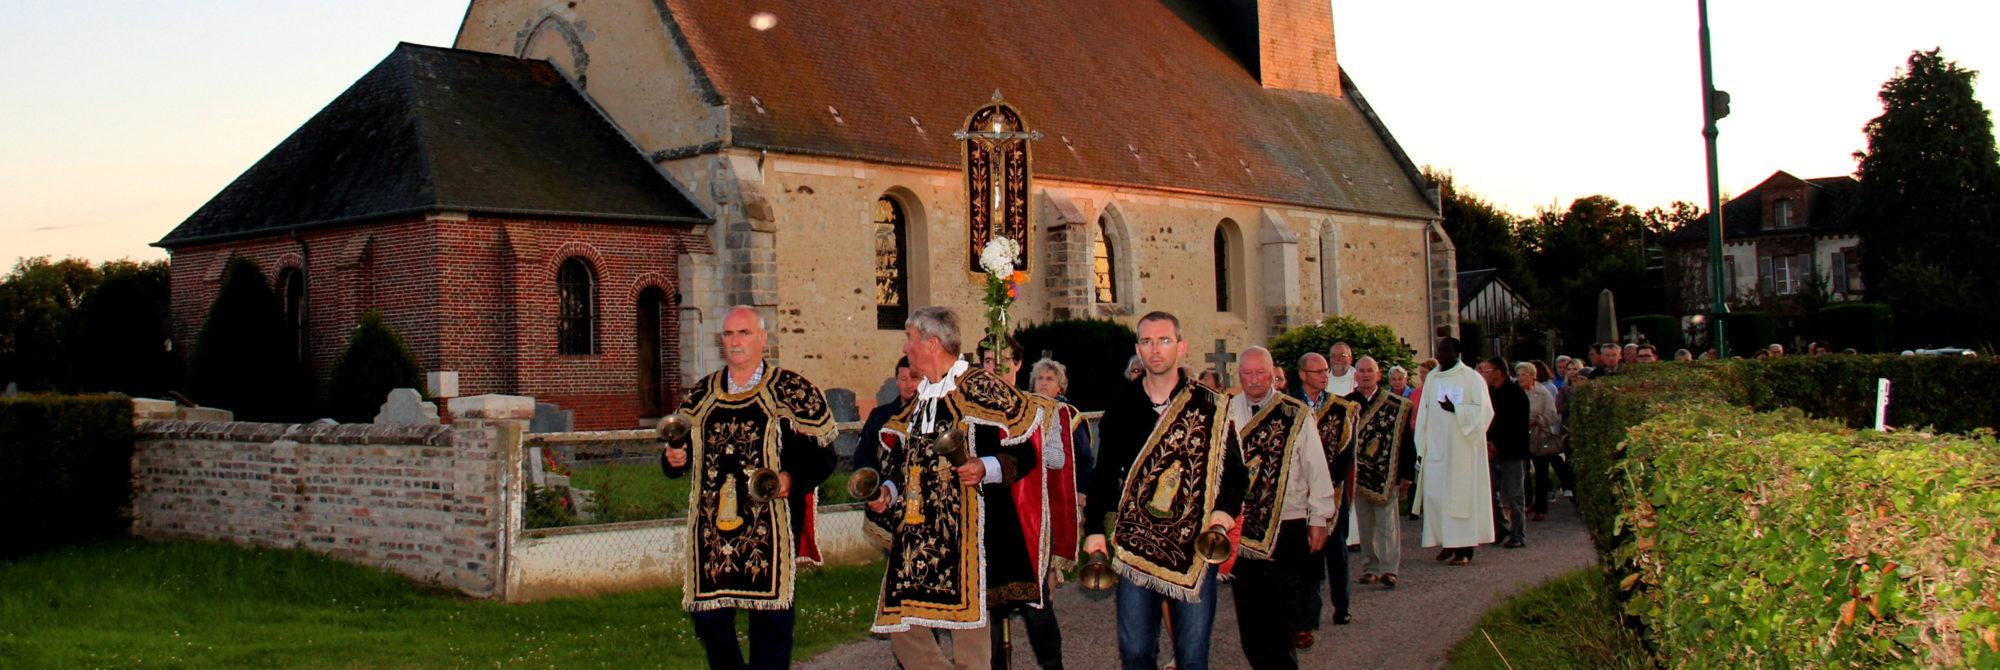 Les confréries de charité, une tradition perpétuée dans le Lieuvin Pays d'Auge C'est dans l'ouest de l'Eure, au cœur de la Normandie, que les 1